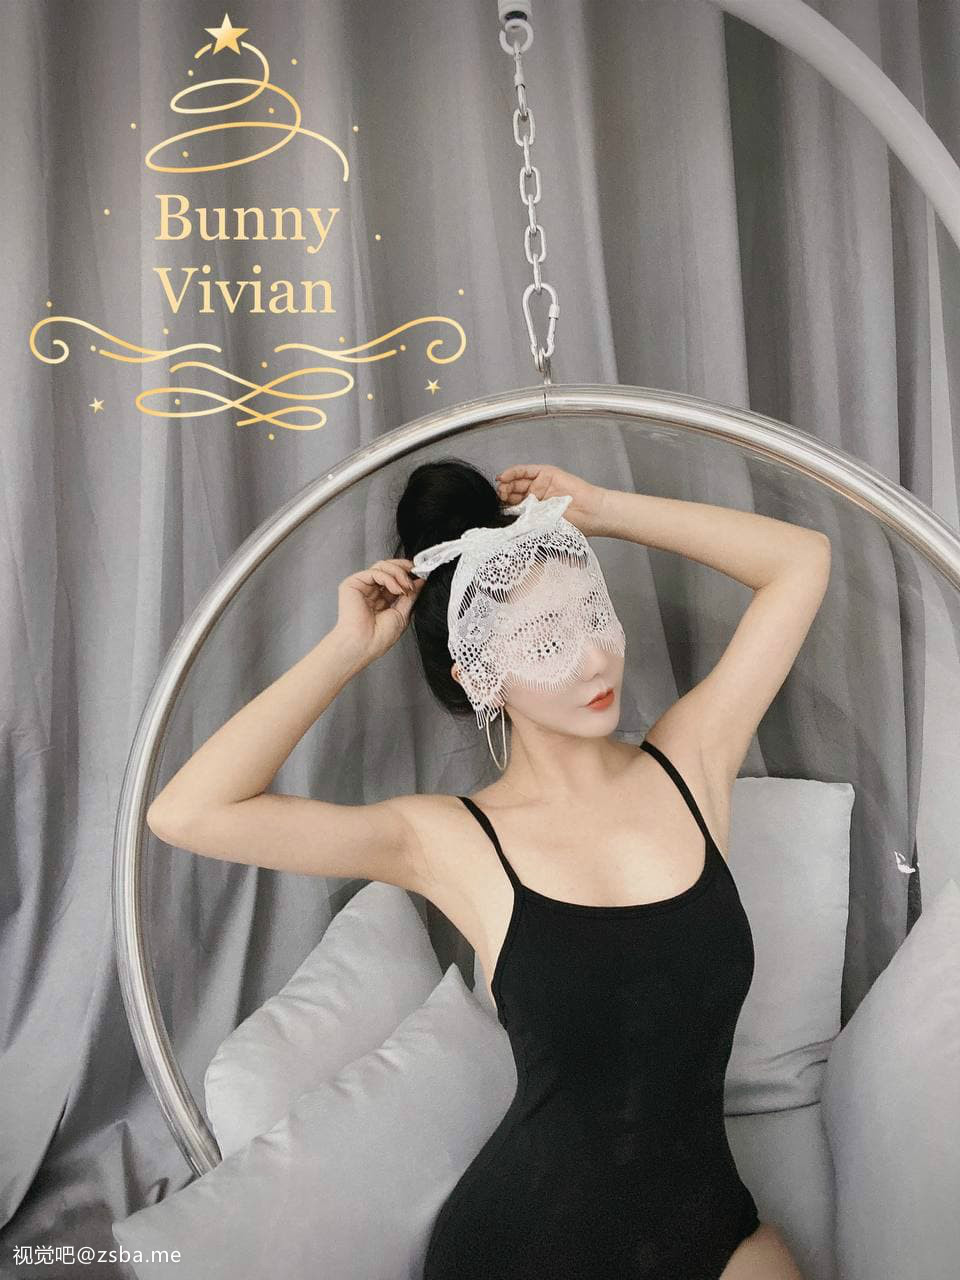 视觉吧@推特反差婊网红[爱丝袜Vivian姐]-芭蕾舞小姐姐[29P/1V382MB]插图3